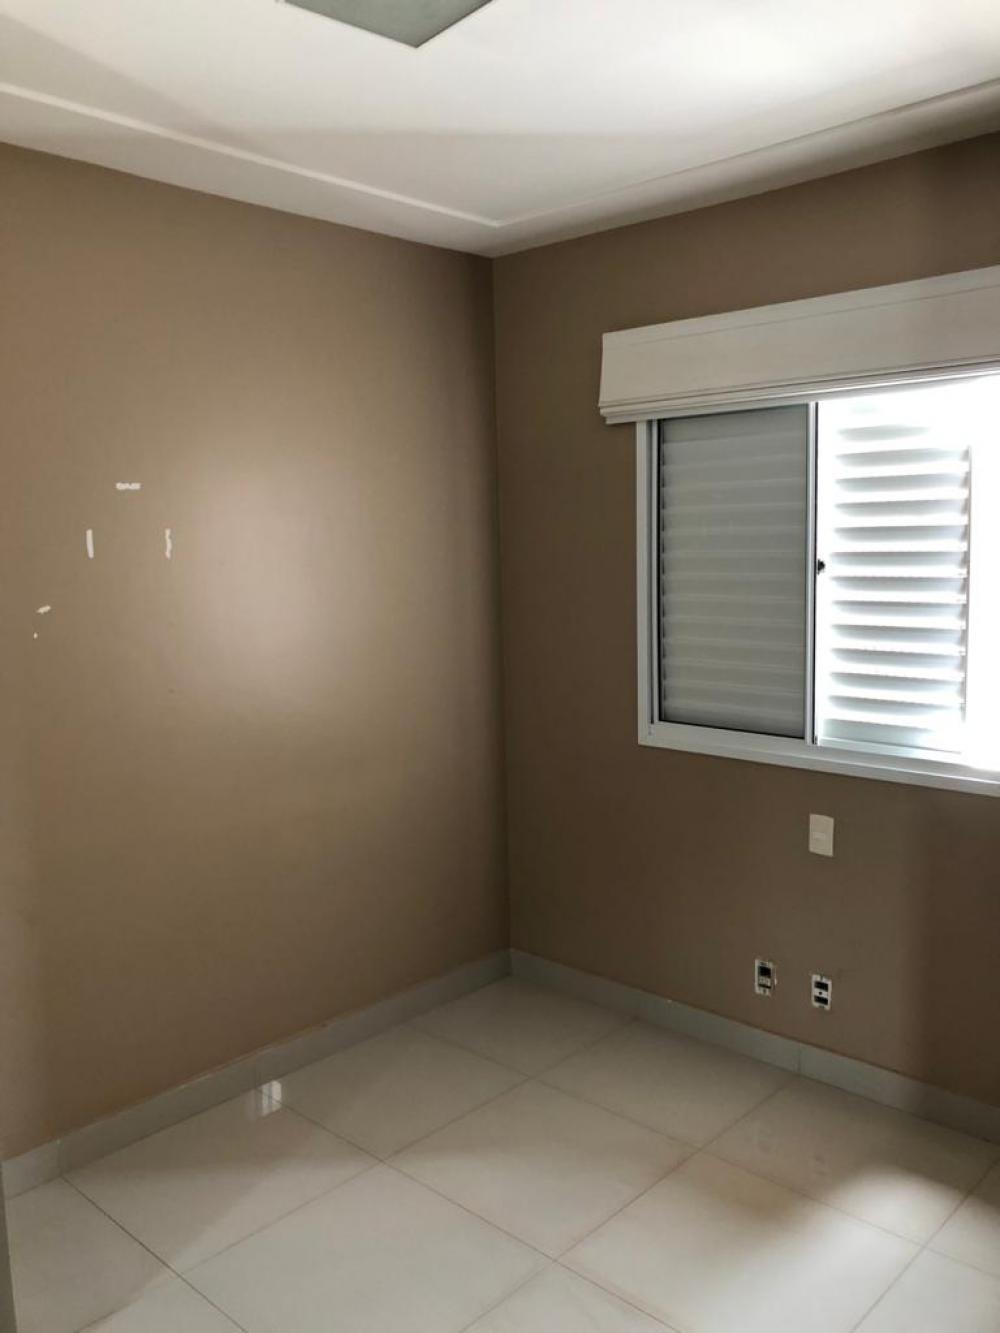 Alugar Casa / Condomínio em São José do Rio Preto R$ 2.100,00 - Foto 12